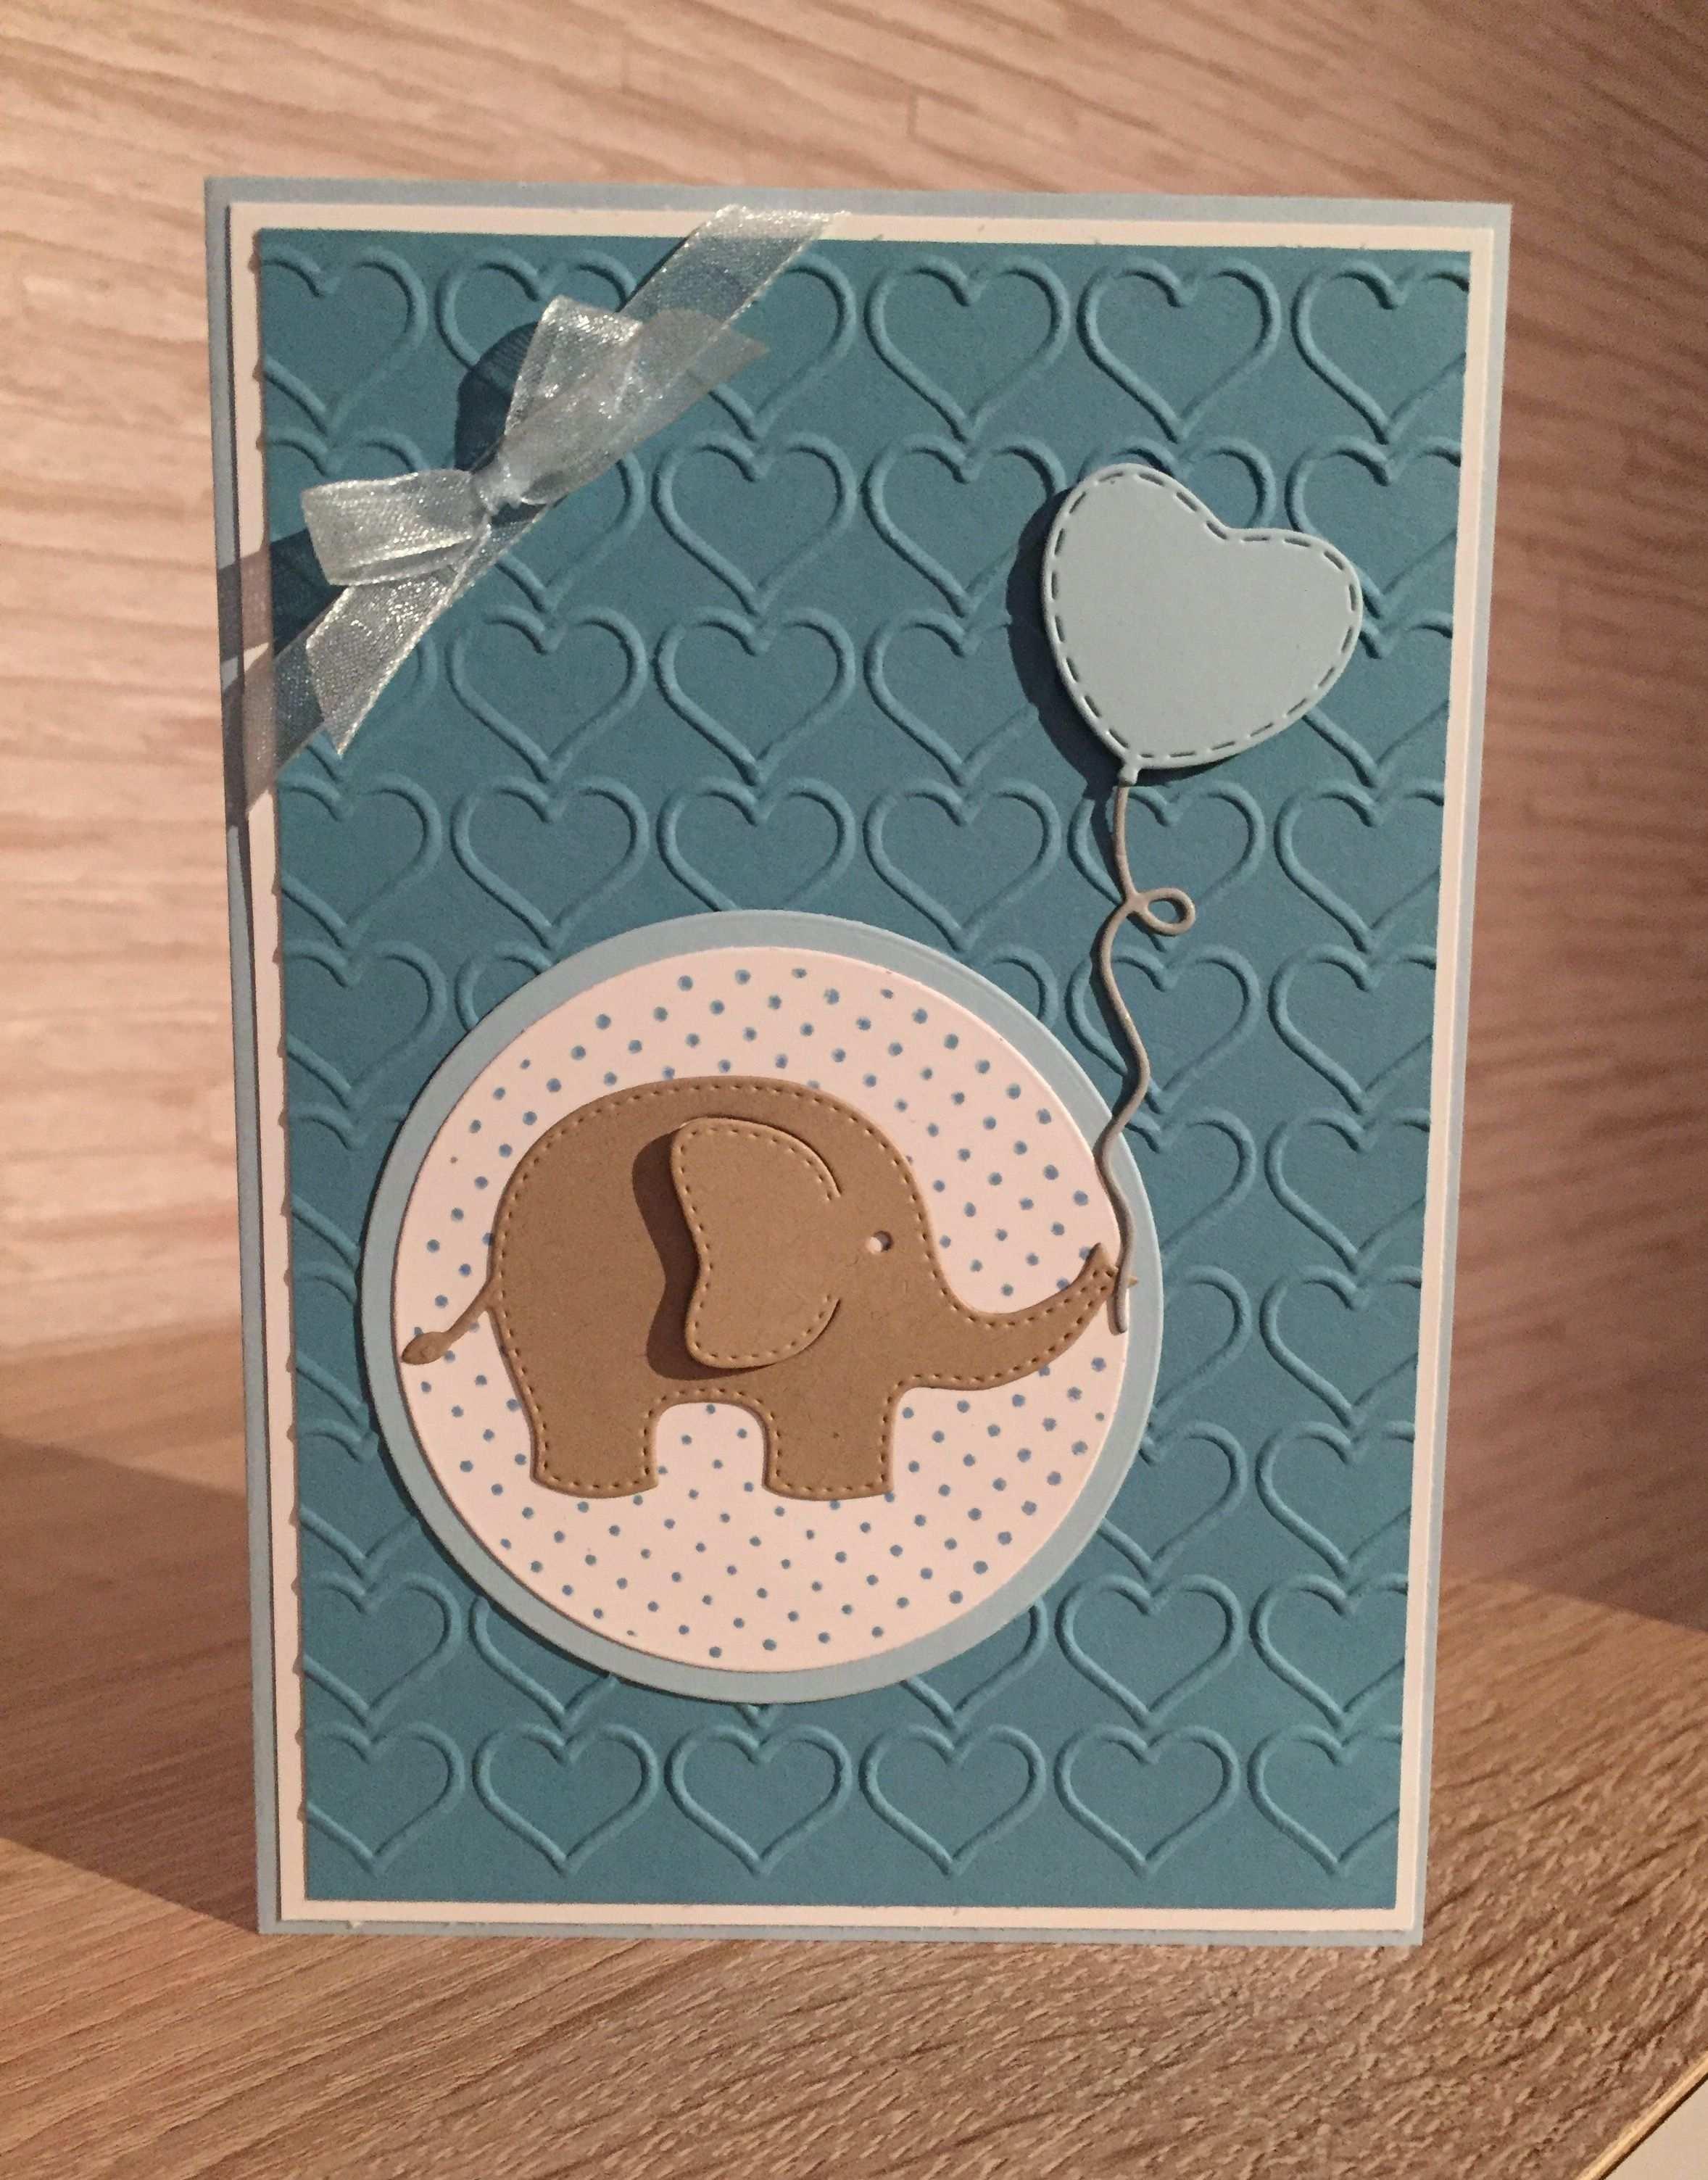 Karte Zur Geburt Elefant Blau Stampin Up Herz Ozeanblau Savanne Luftballon Http Papierbastelei Sar Karten Basteln Geburt Karte Geburt Geburtskarten